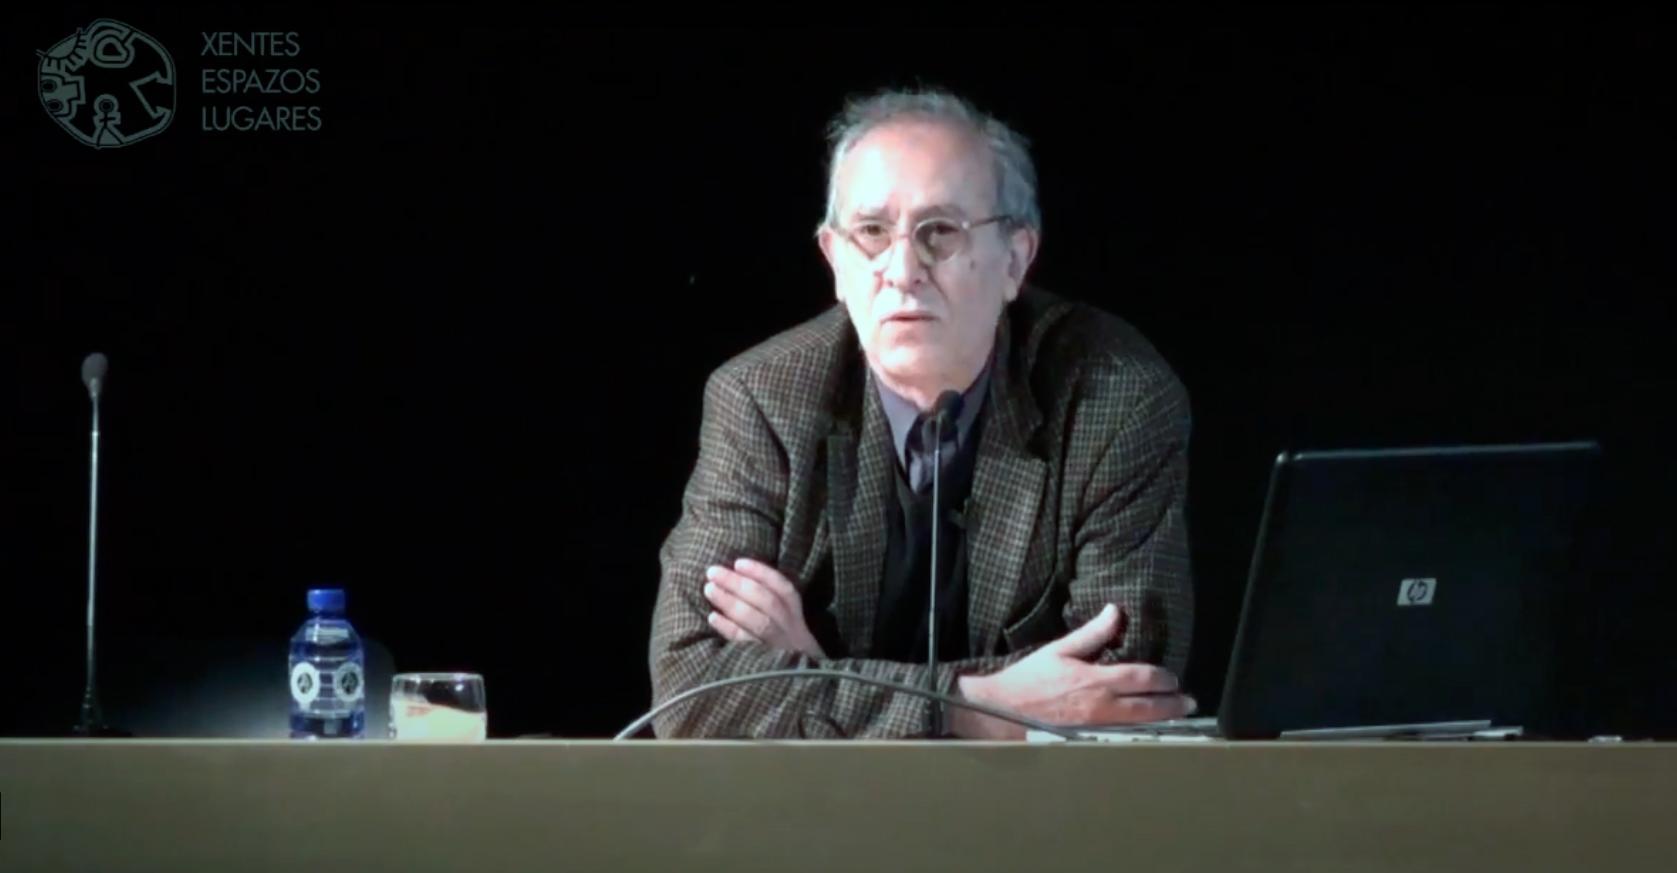 Juan Luis Dalda. Los sistemas urbanos del noroeste ibérico. Una evolución problemática. Xente, Espazos e Lugares